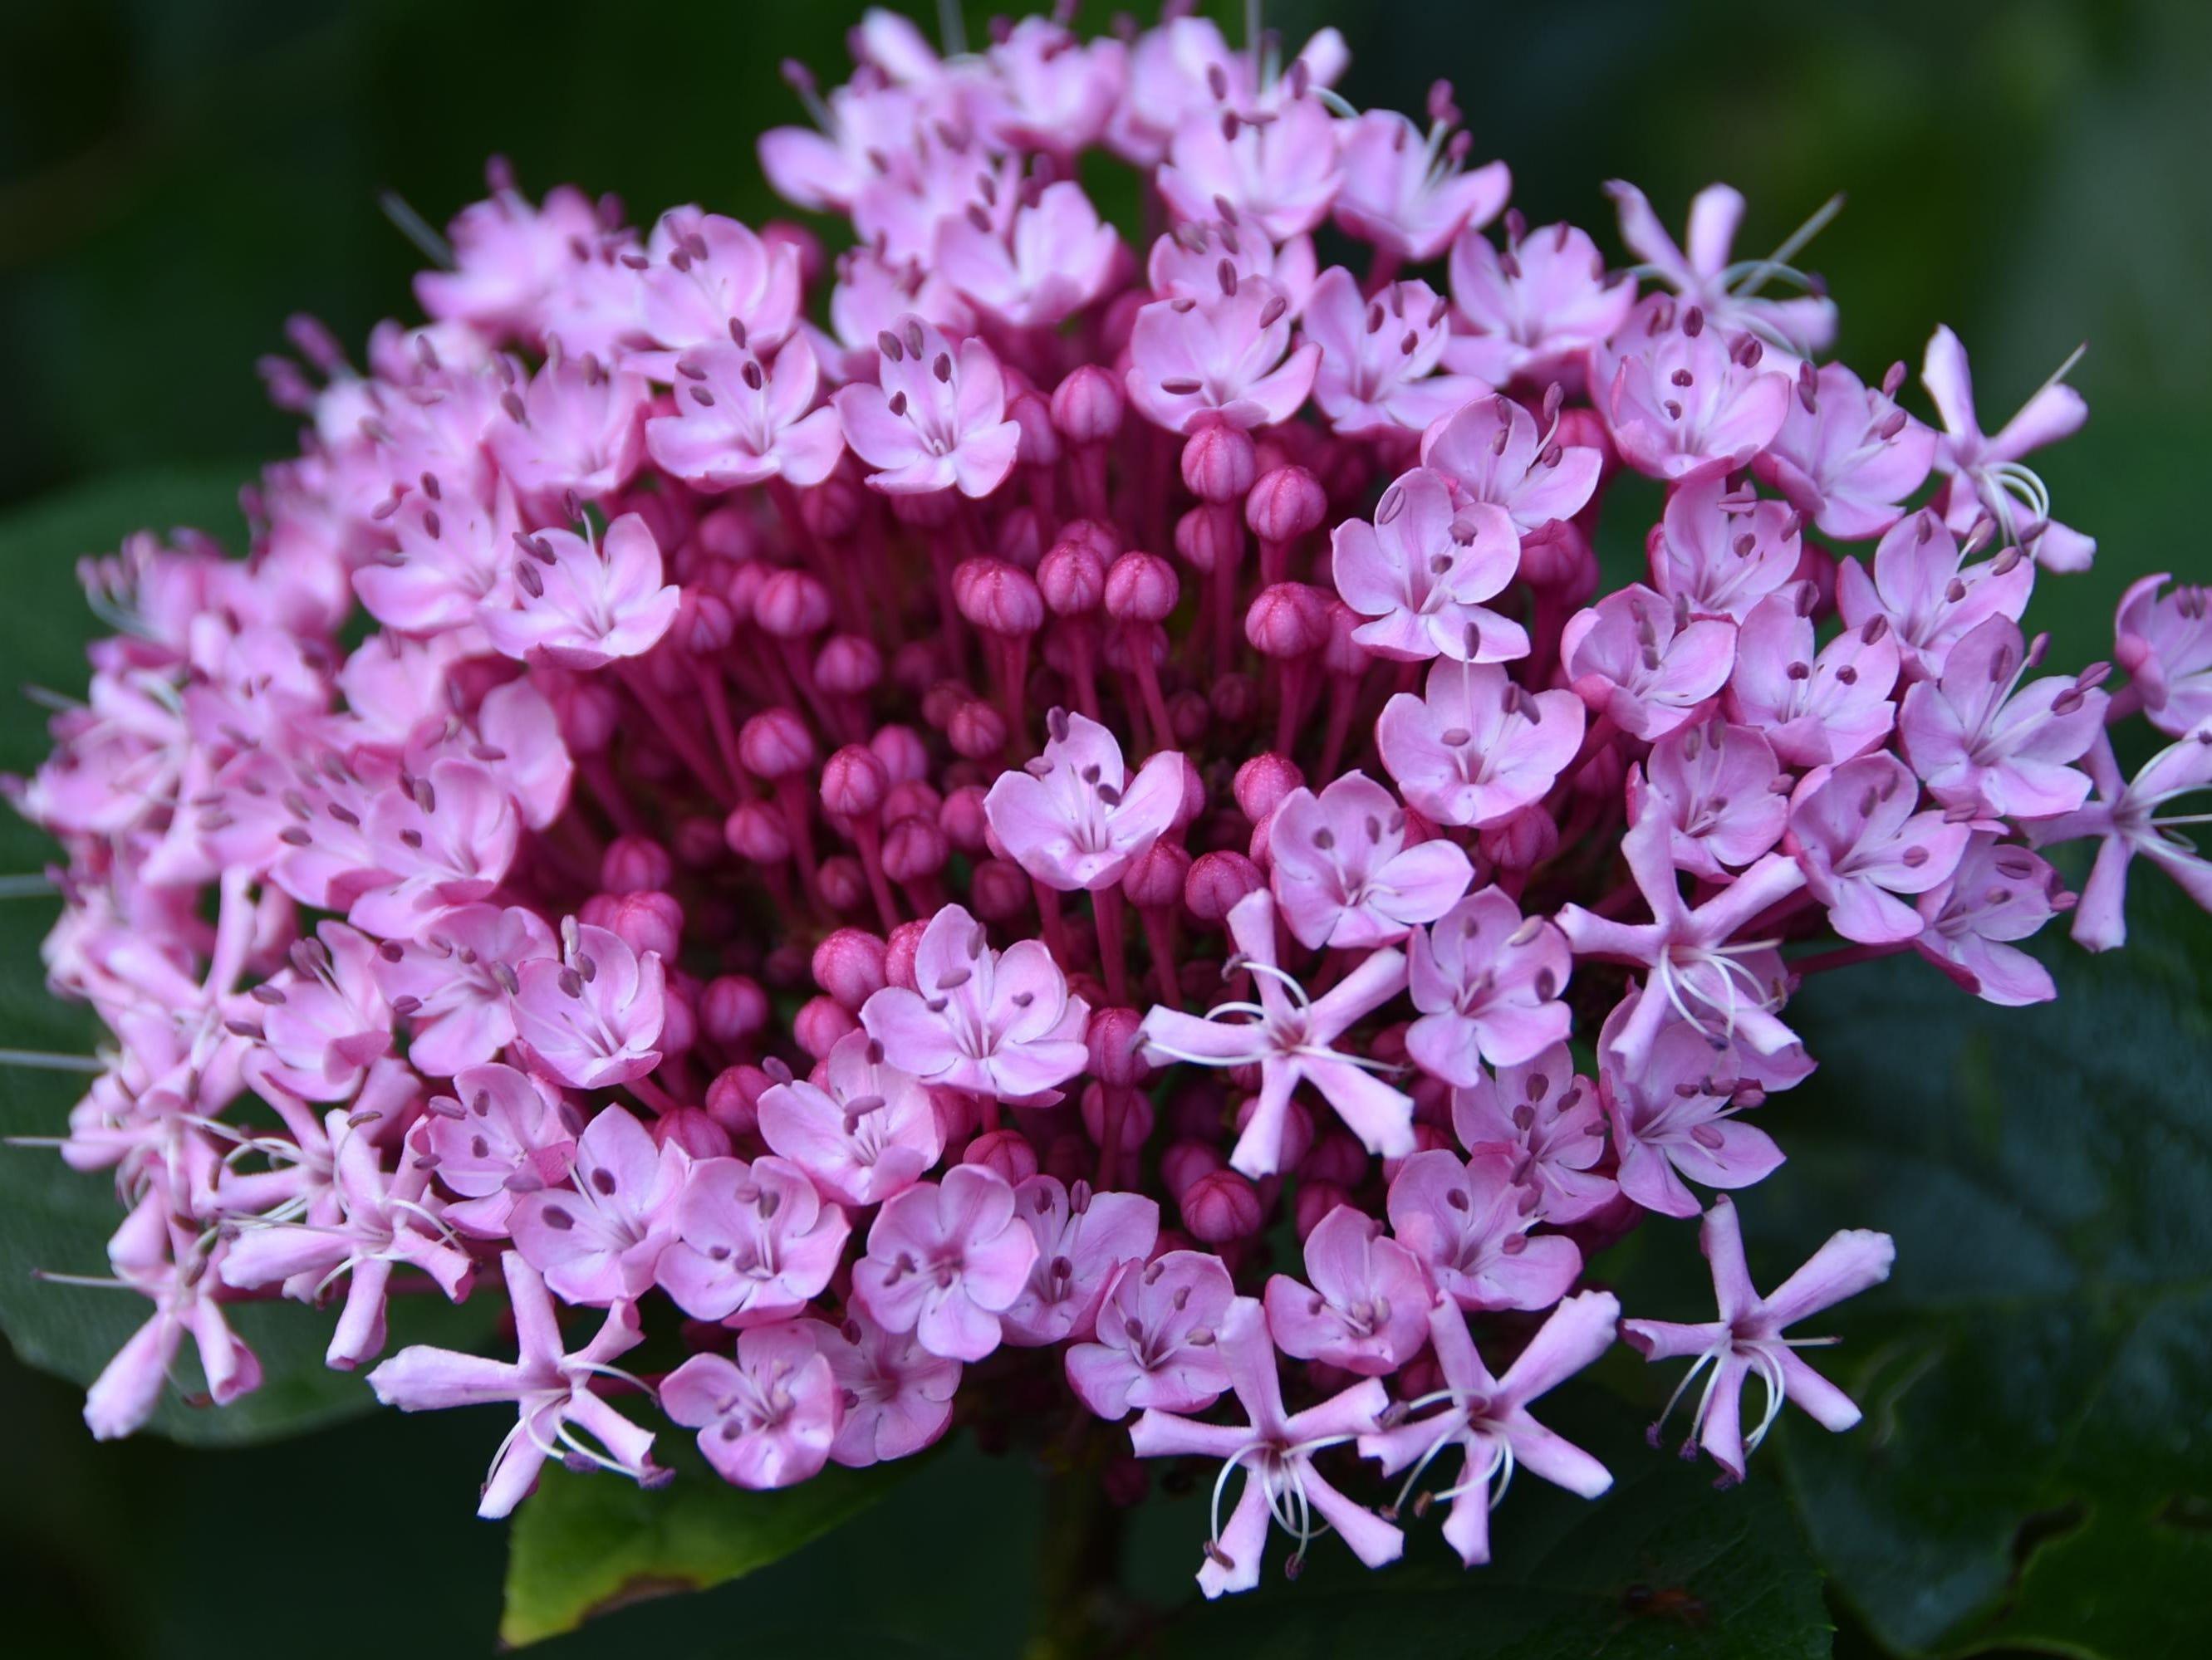 Joe Pie Weed Flower: Joe Pie Weed Flower in our Tallahassee backyard